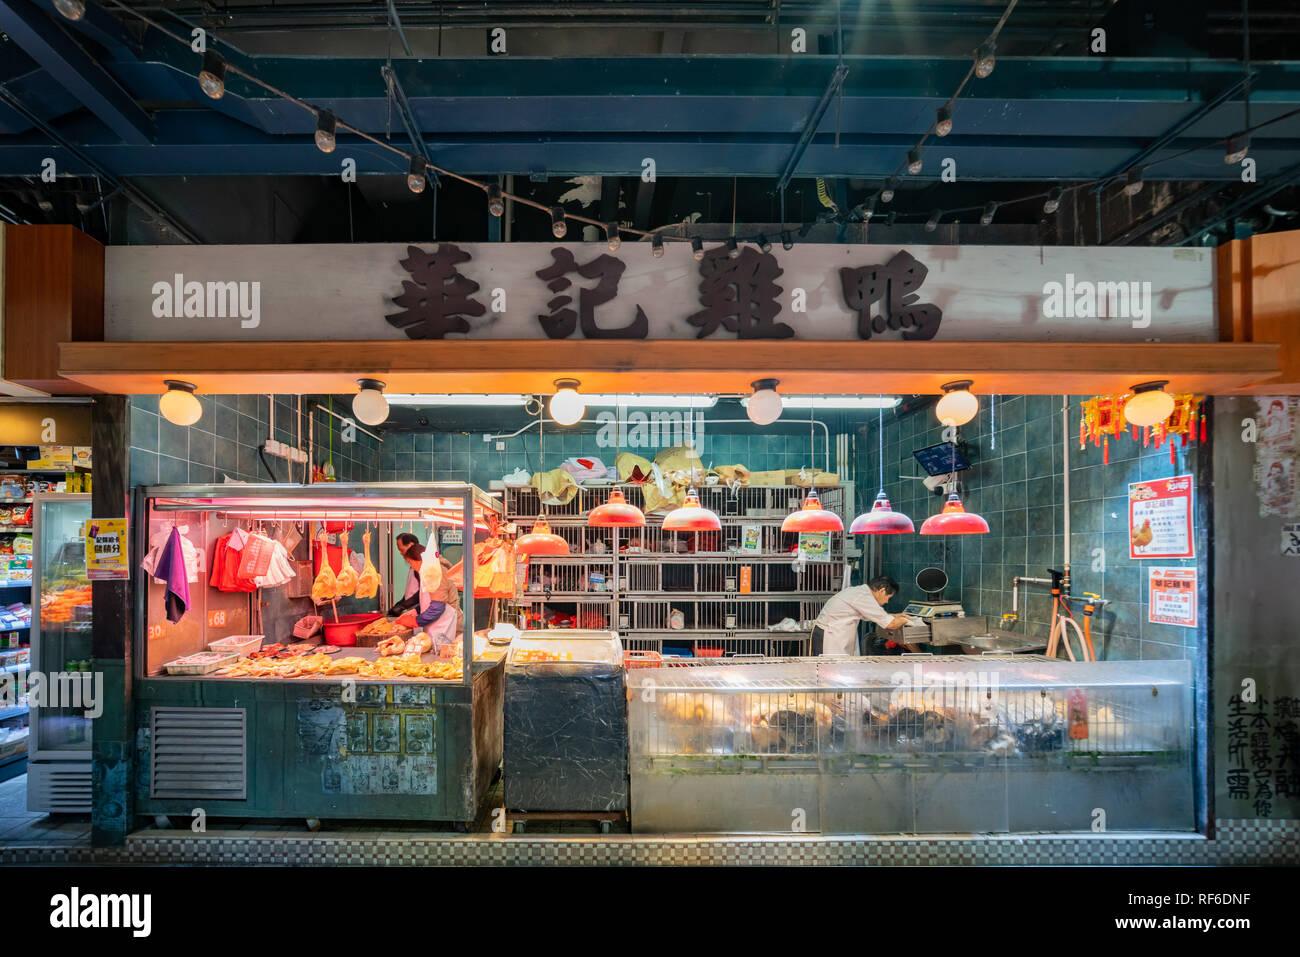 Hong Kong, DEC 31: Chicken and ducks selling in the Hong Kong Market - Yat Tung on DEC 31, 2018 at Hong Kong - Stock Image